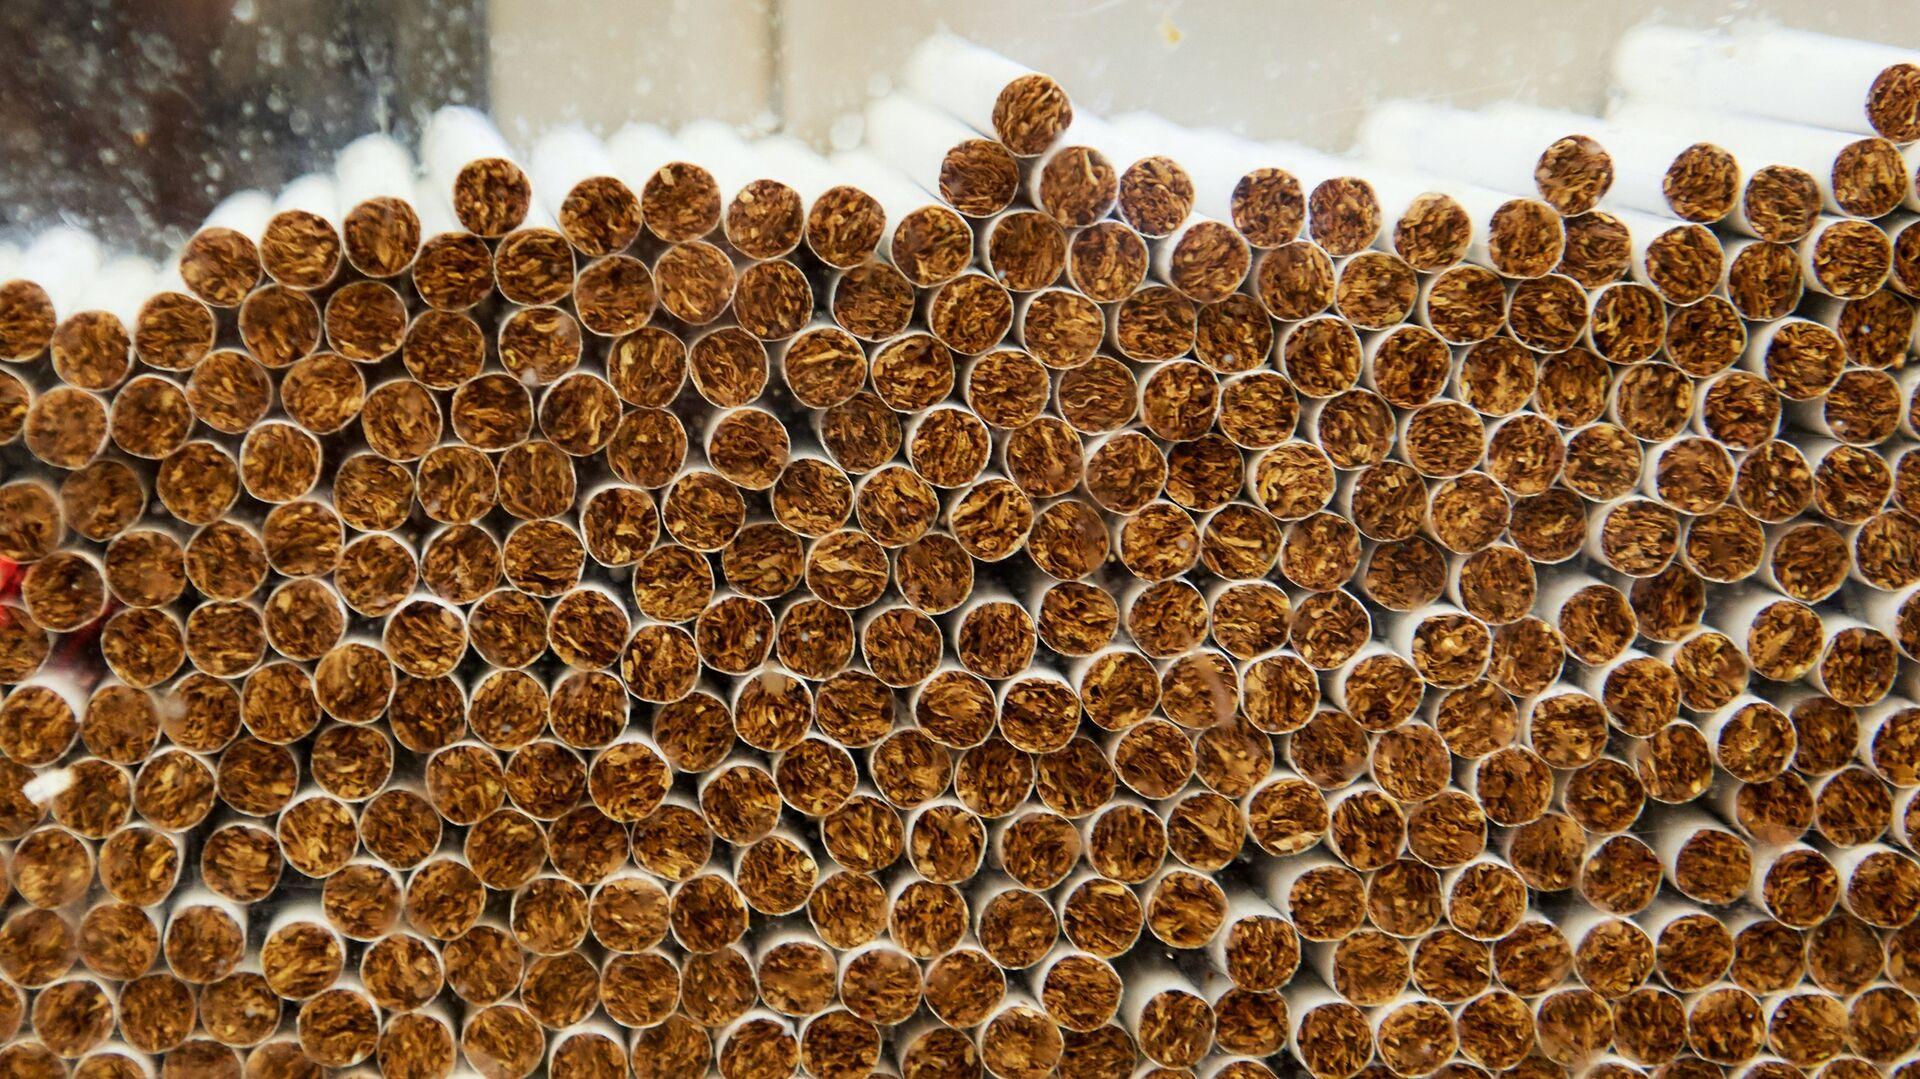 Производство сигарет на фабрике АО Филип Моррис Ижора в Ленинградской области - РИА Новости, 1920, 26.07.2021